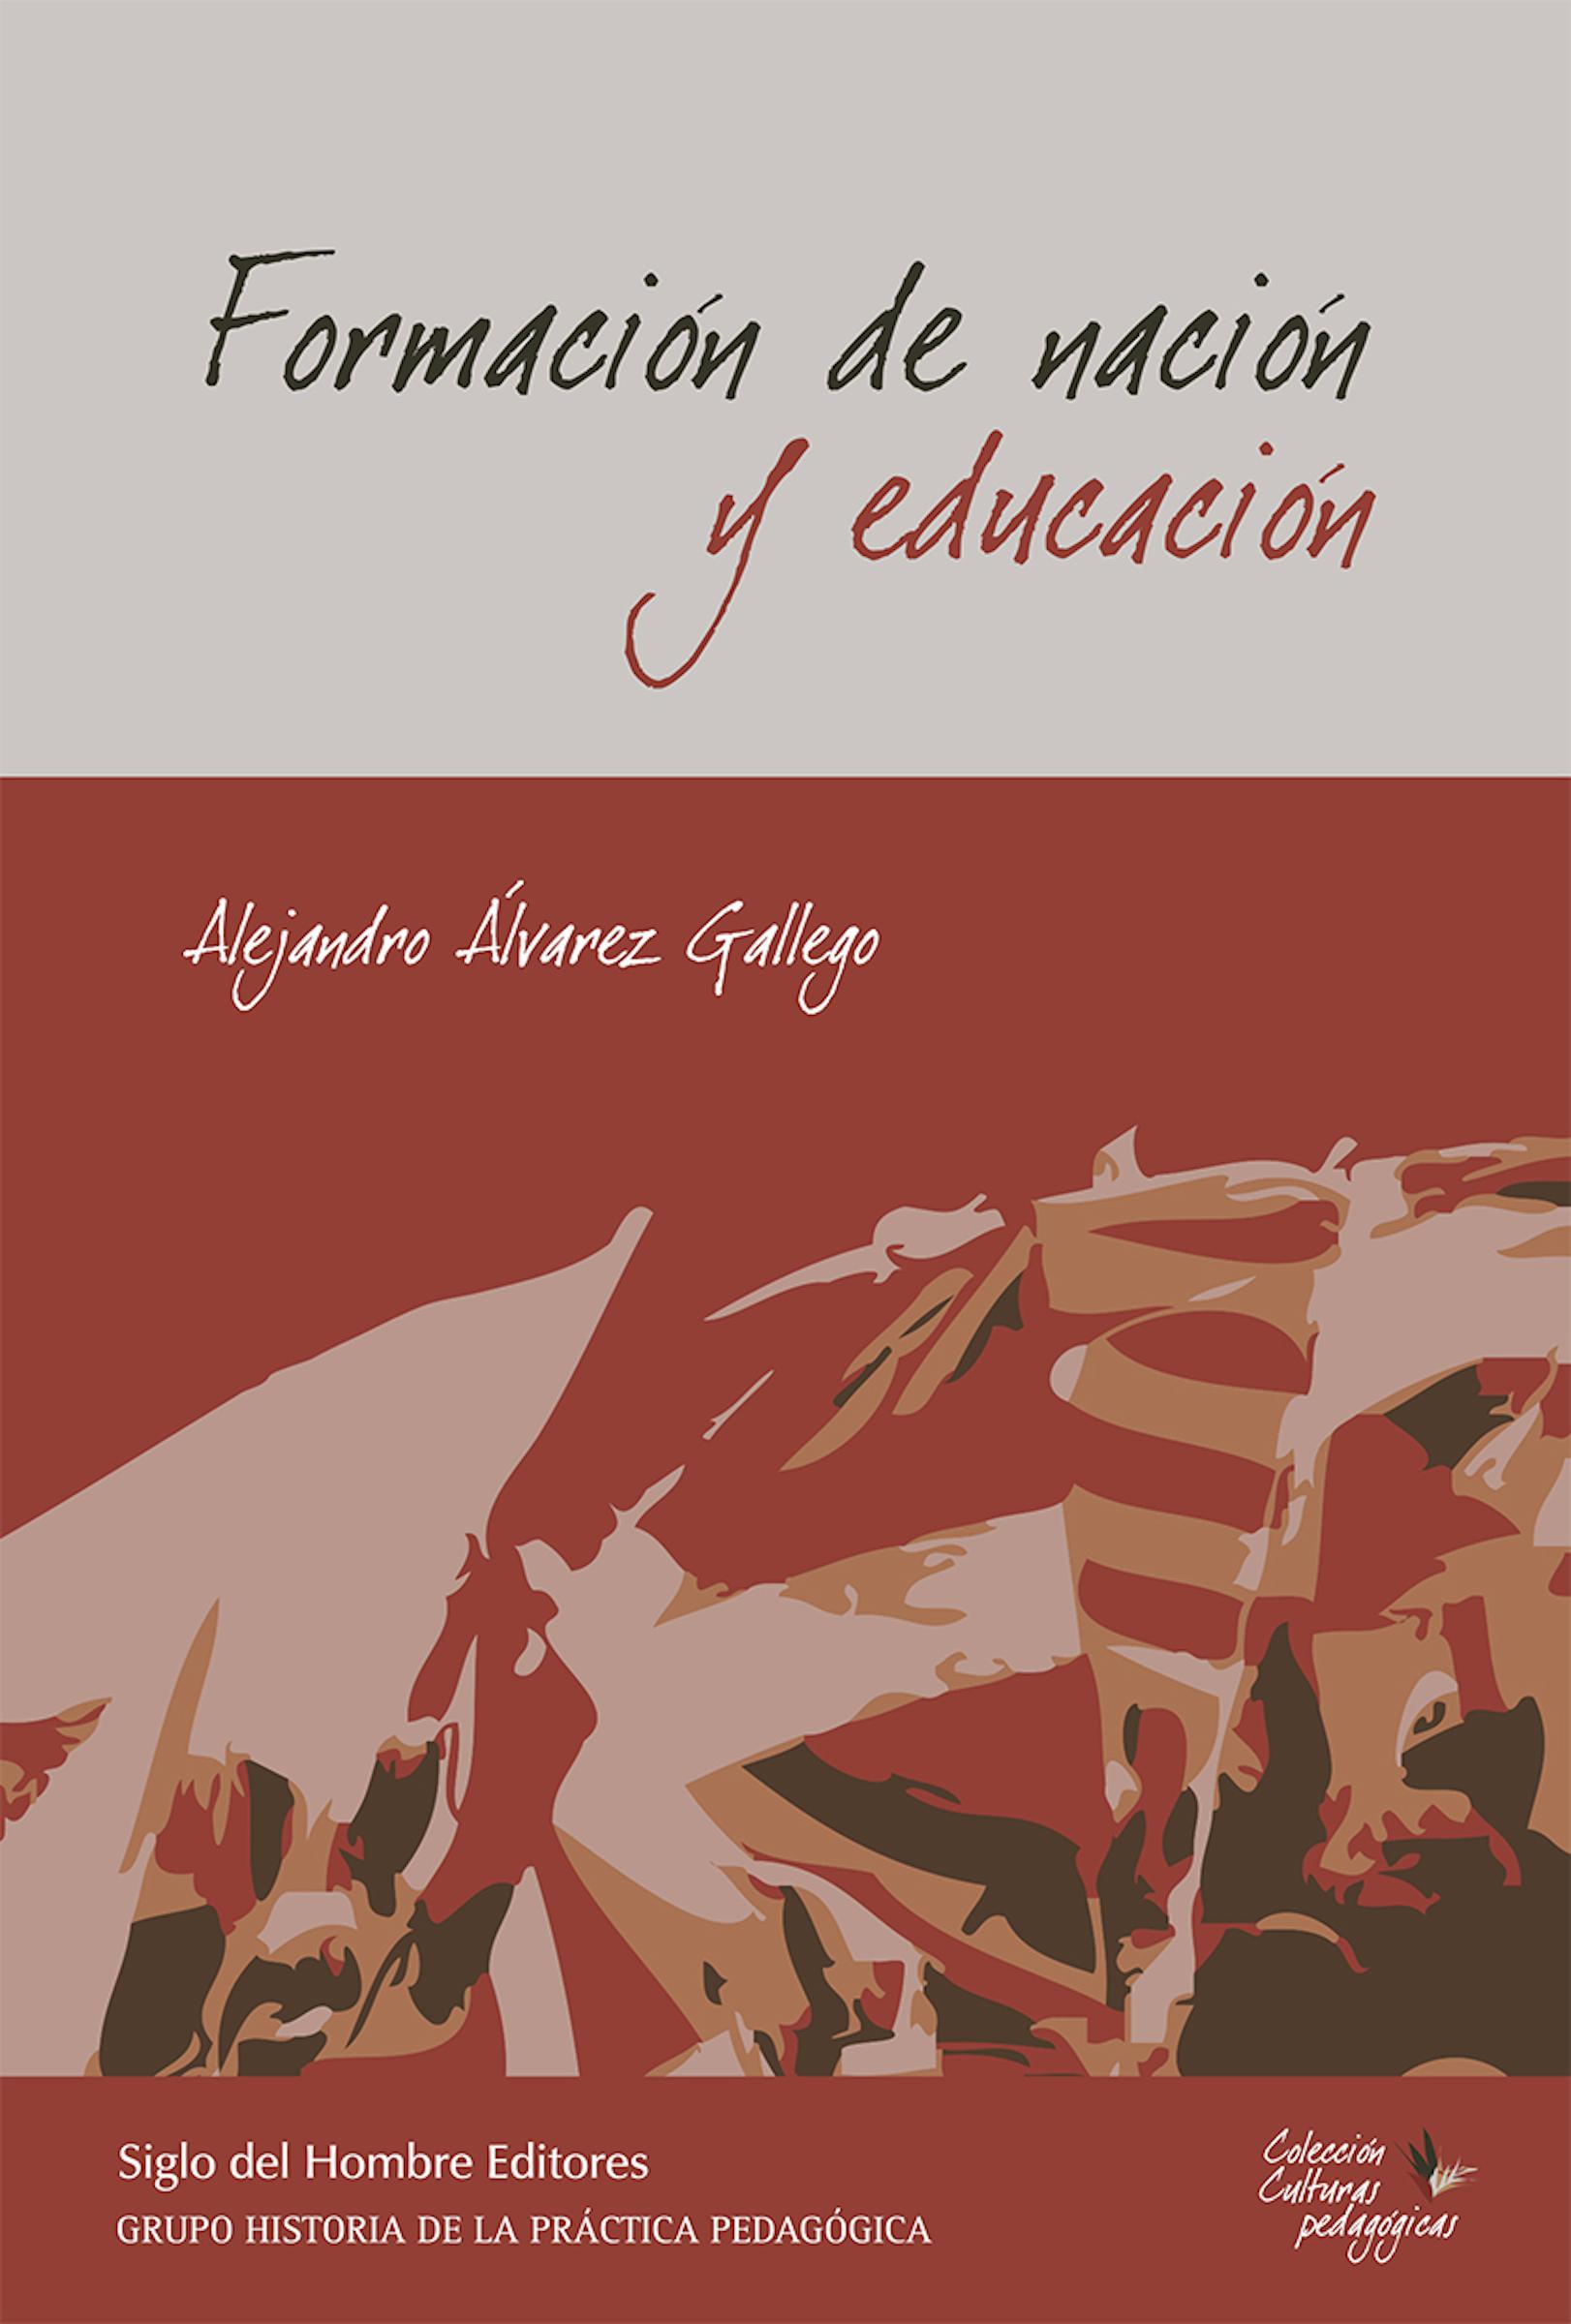 Alejandro Álvarez Gallego Formación de nación y educación